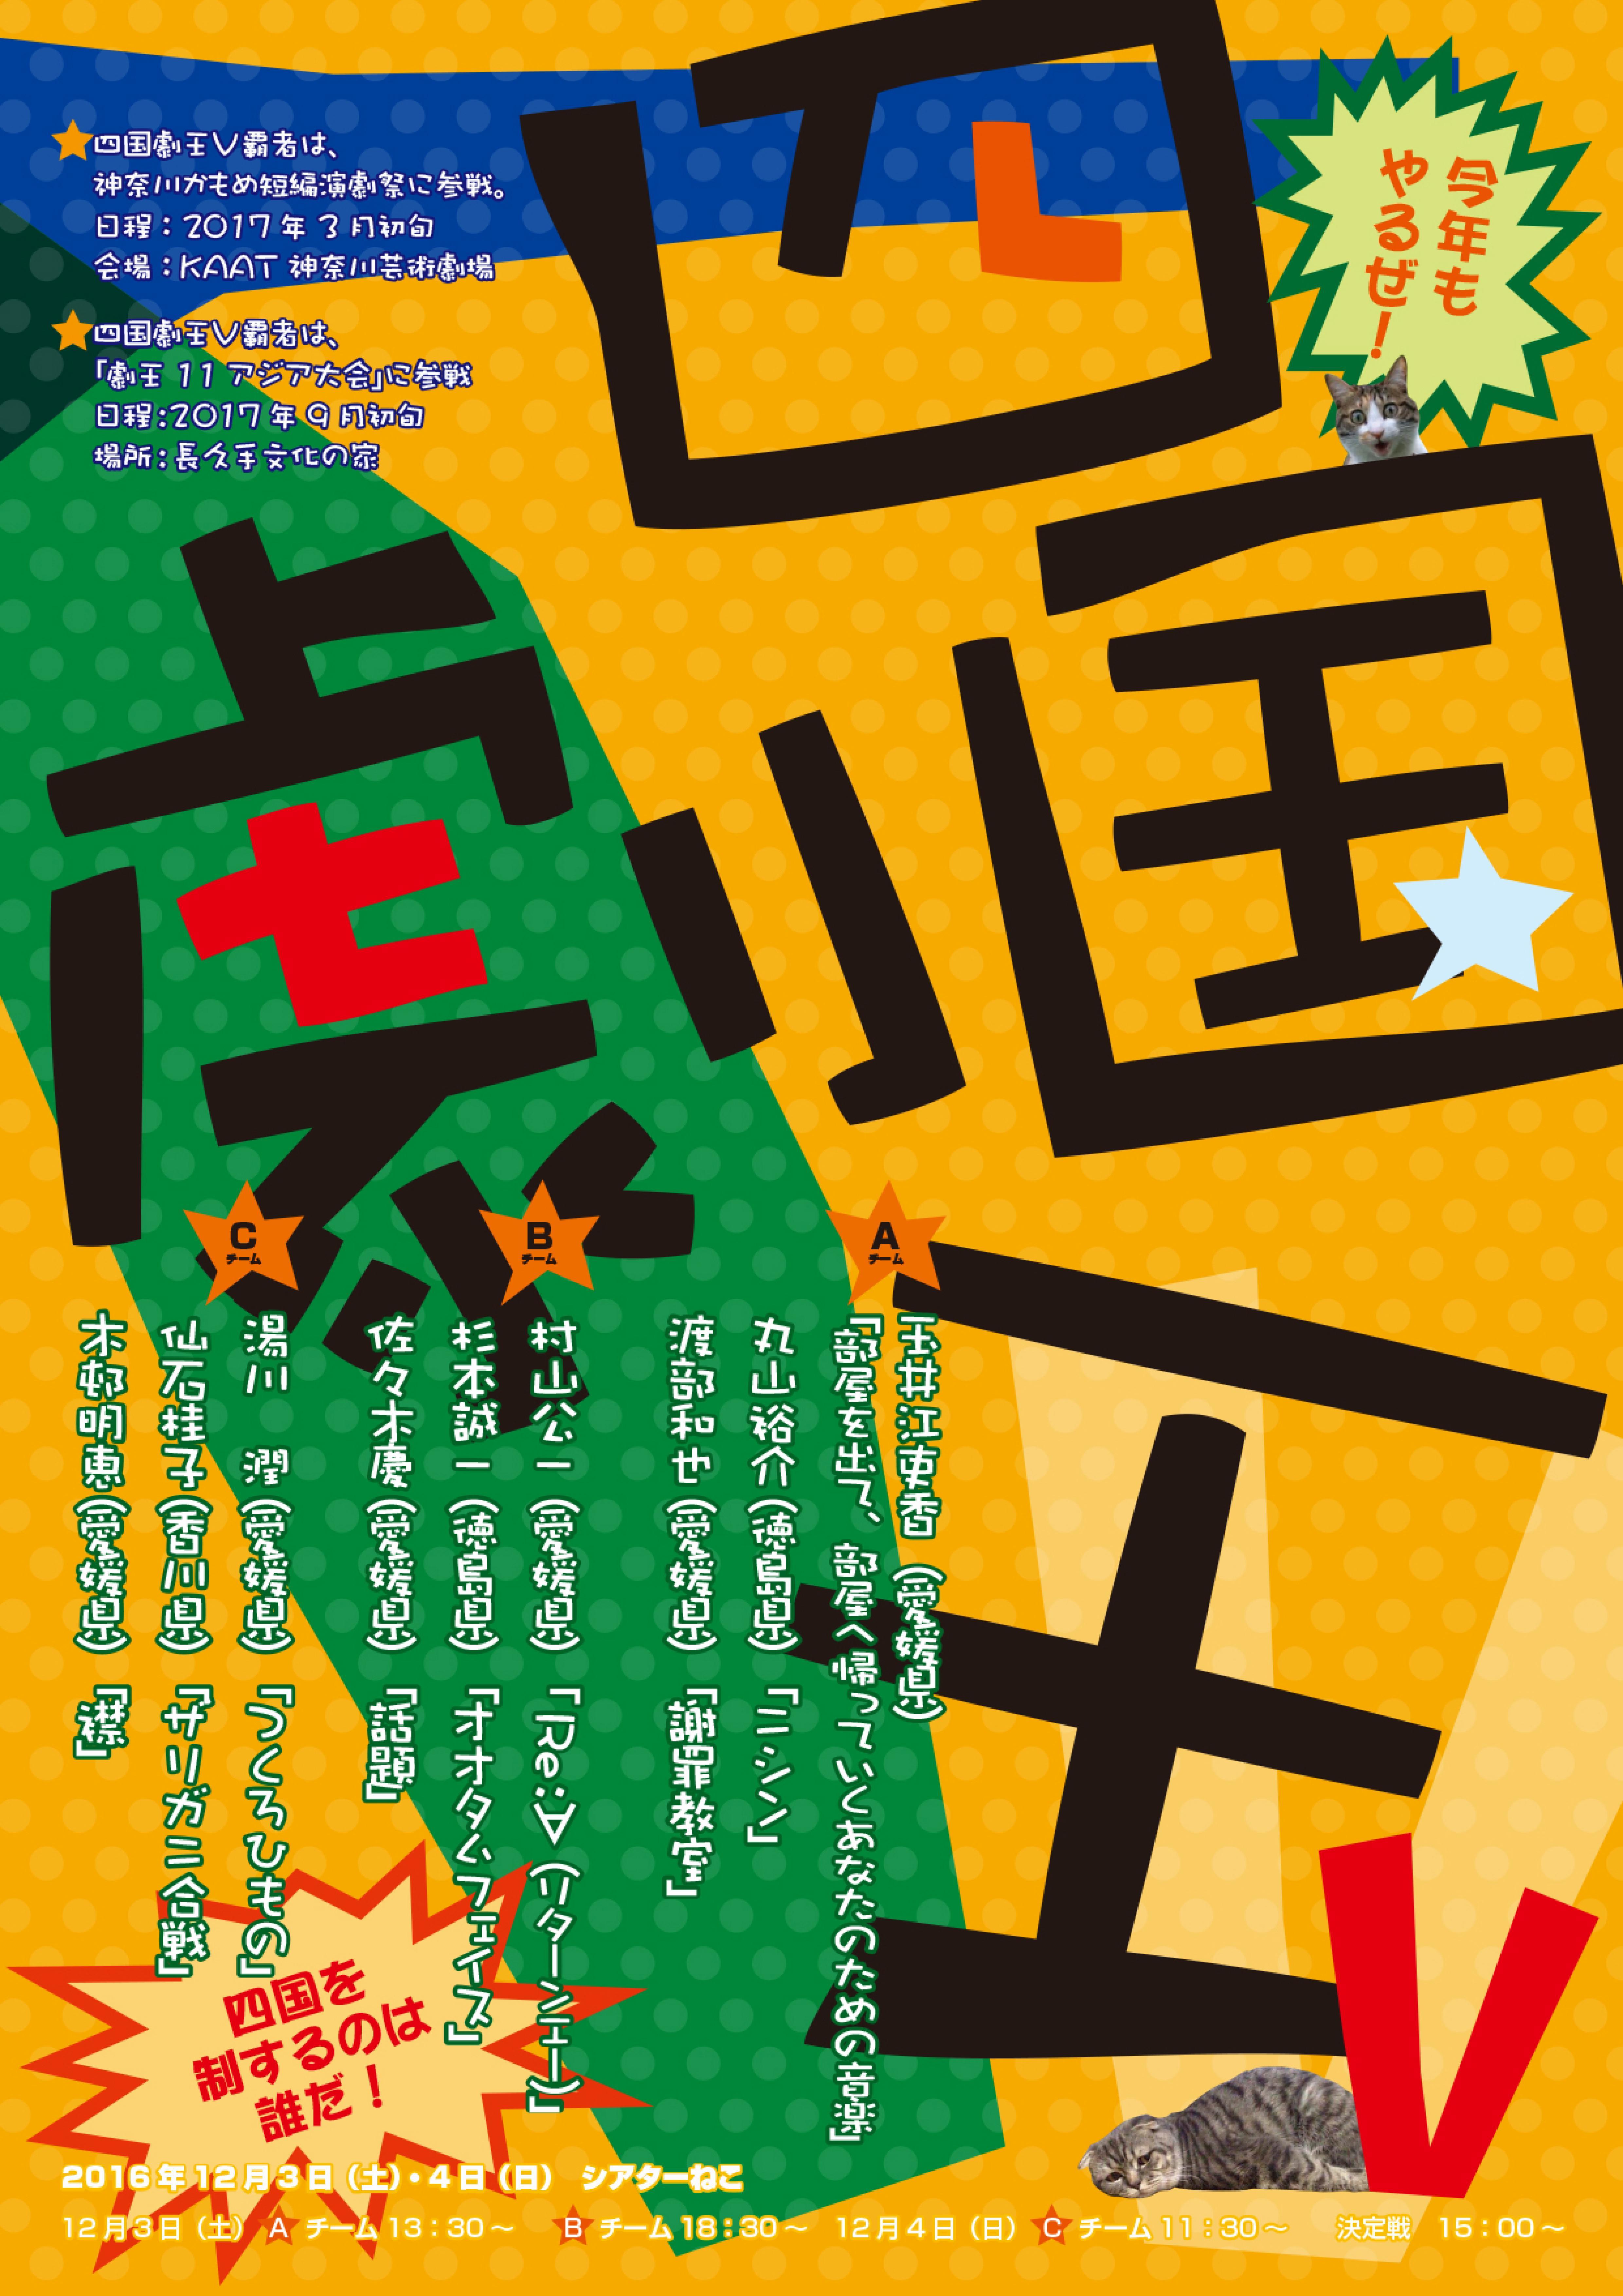 12/3,4四国劇王Ⅴ